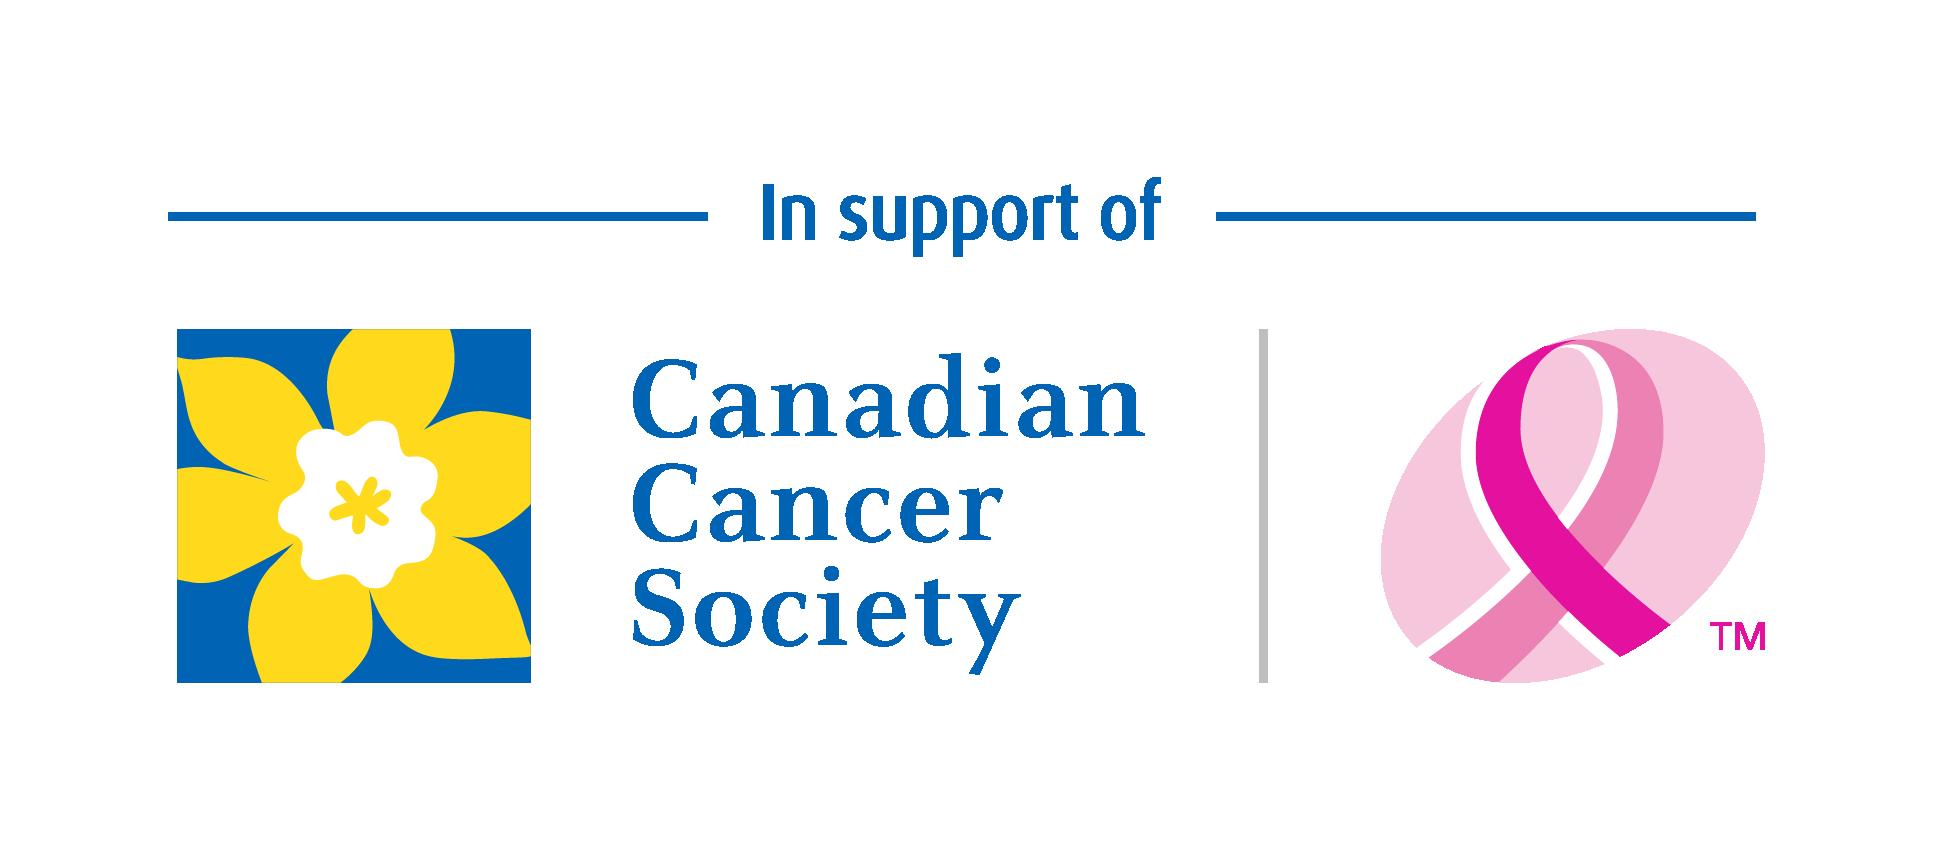 sept oct 2017 breast cancer society beauty of giving hair salon logo template hair salon logo ideas